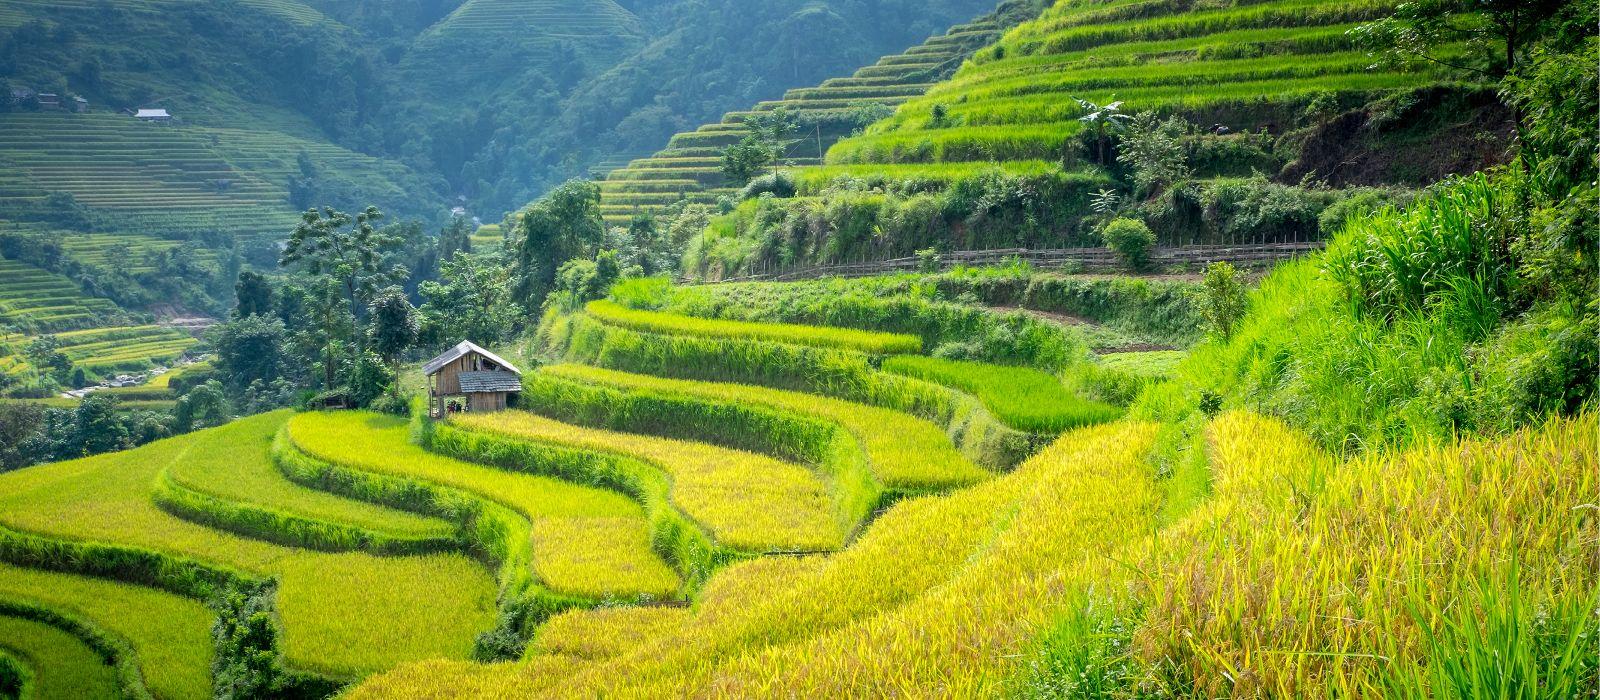 Reiseziel Laocai Vietnam